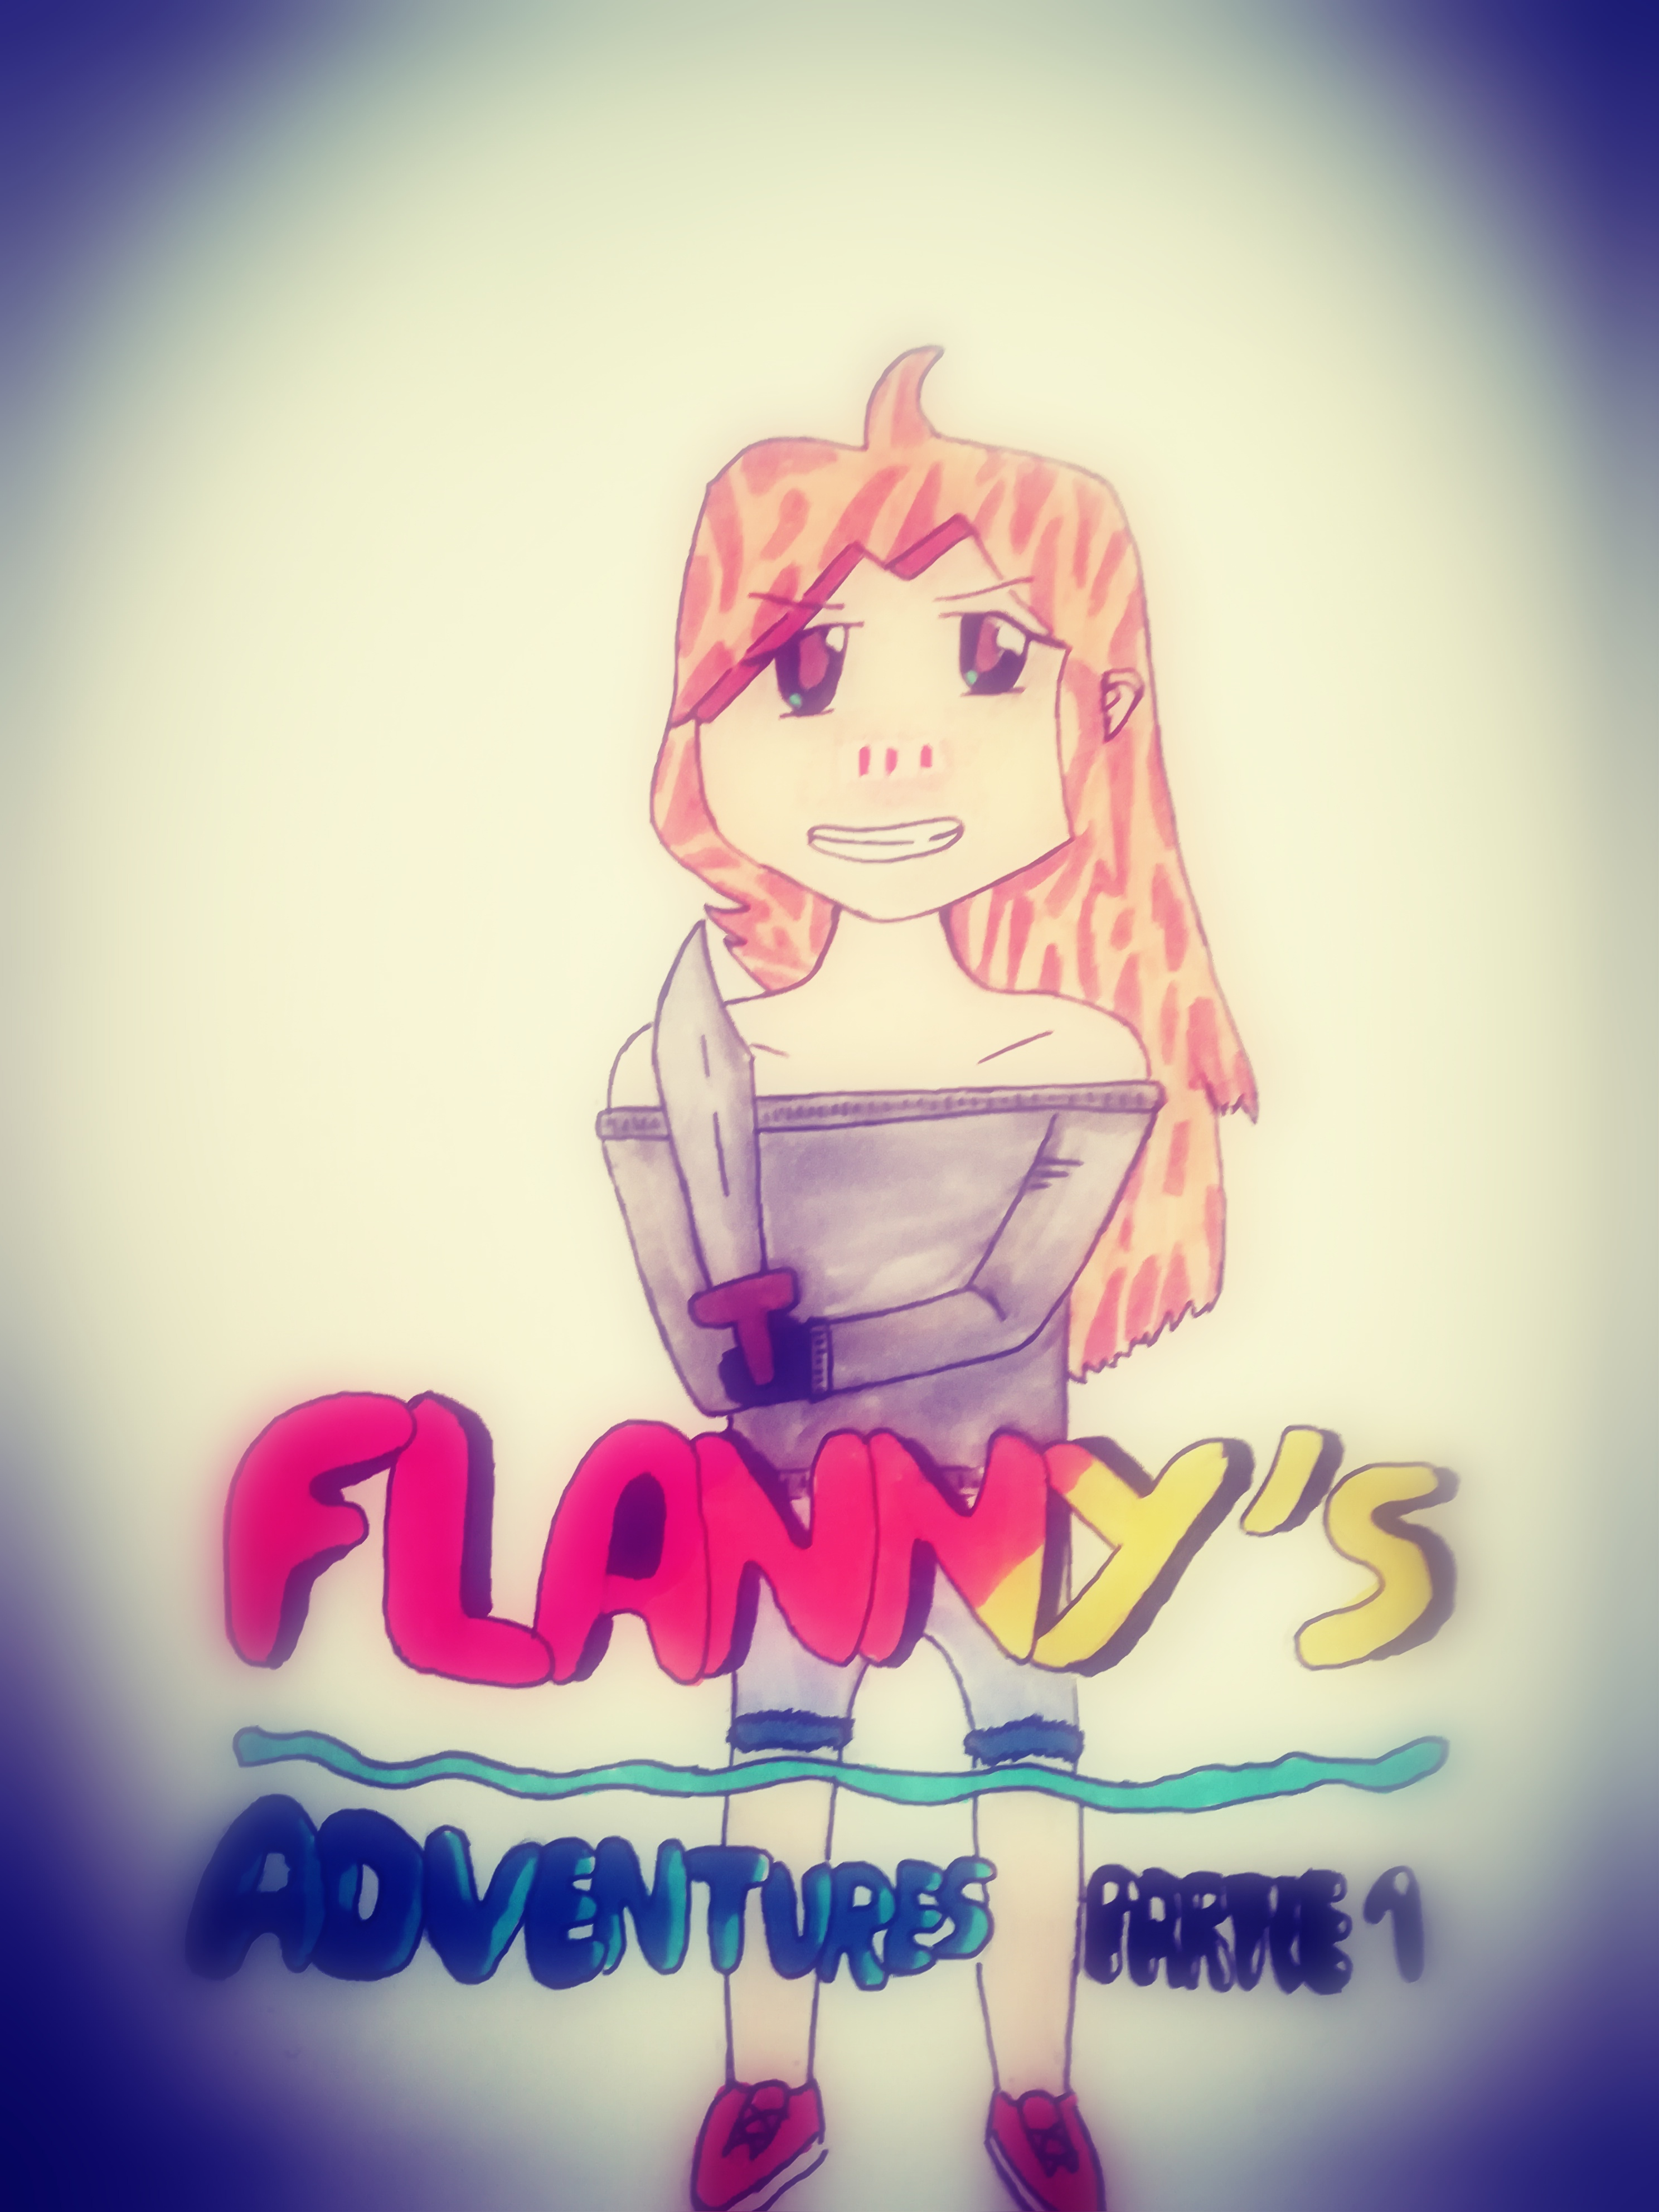 Flanny's adventures